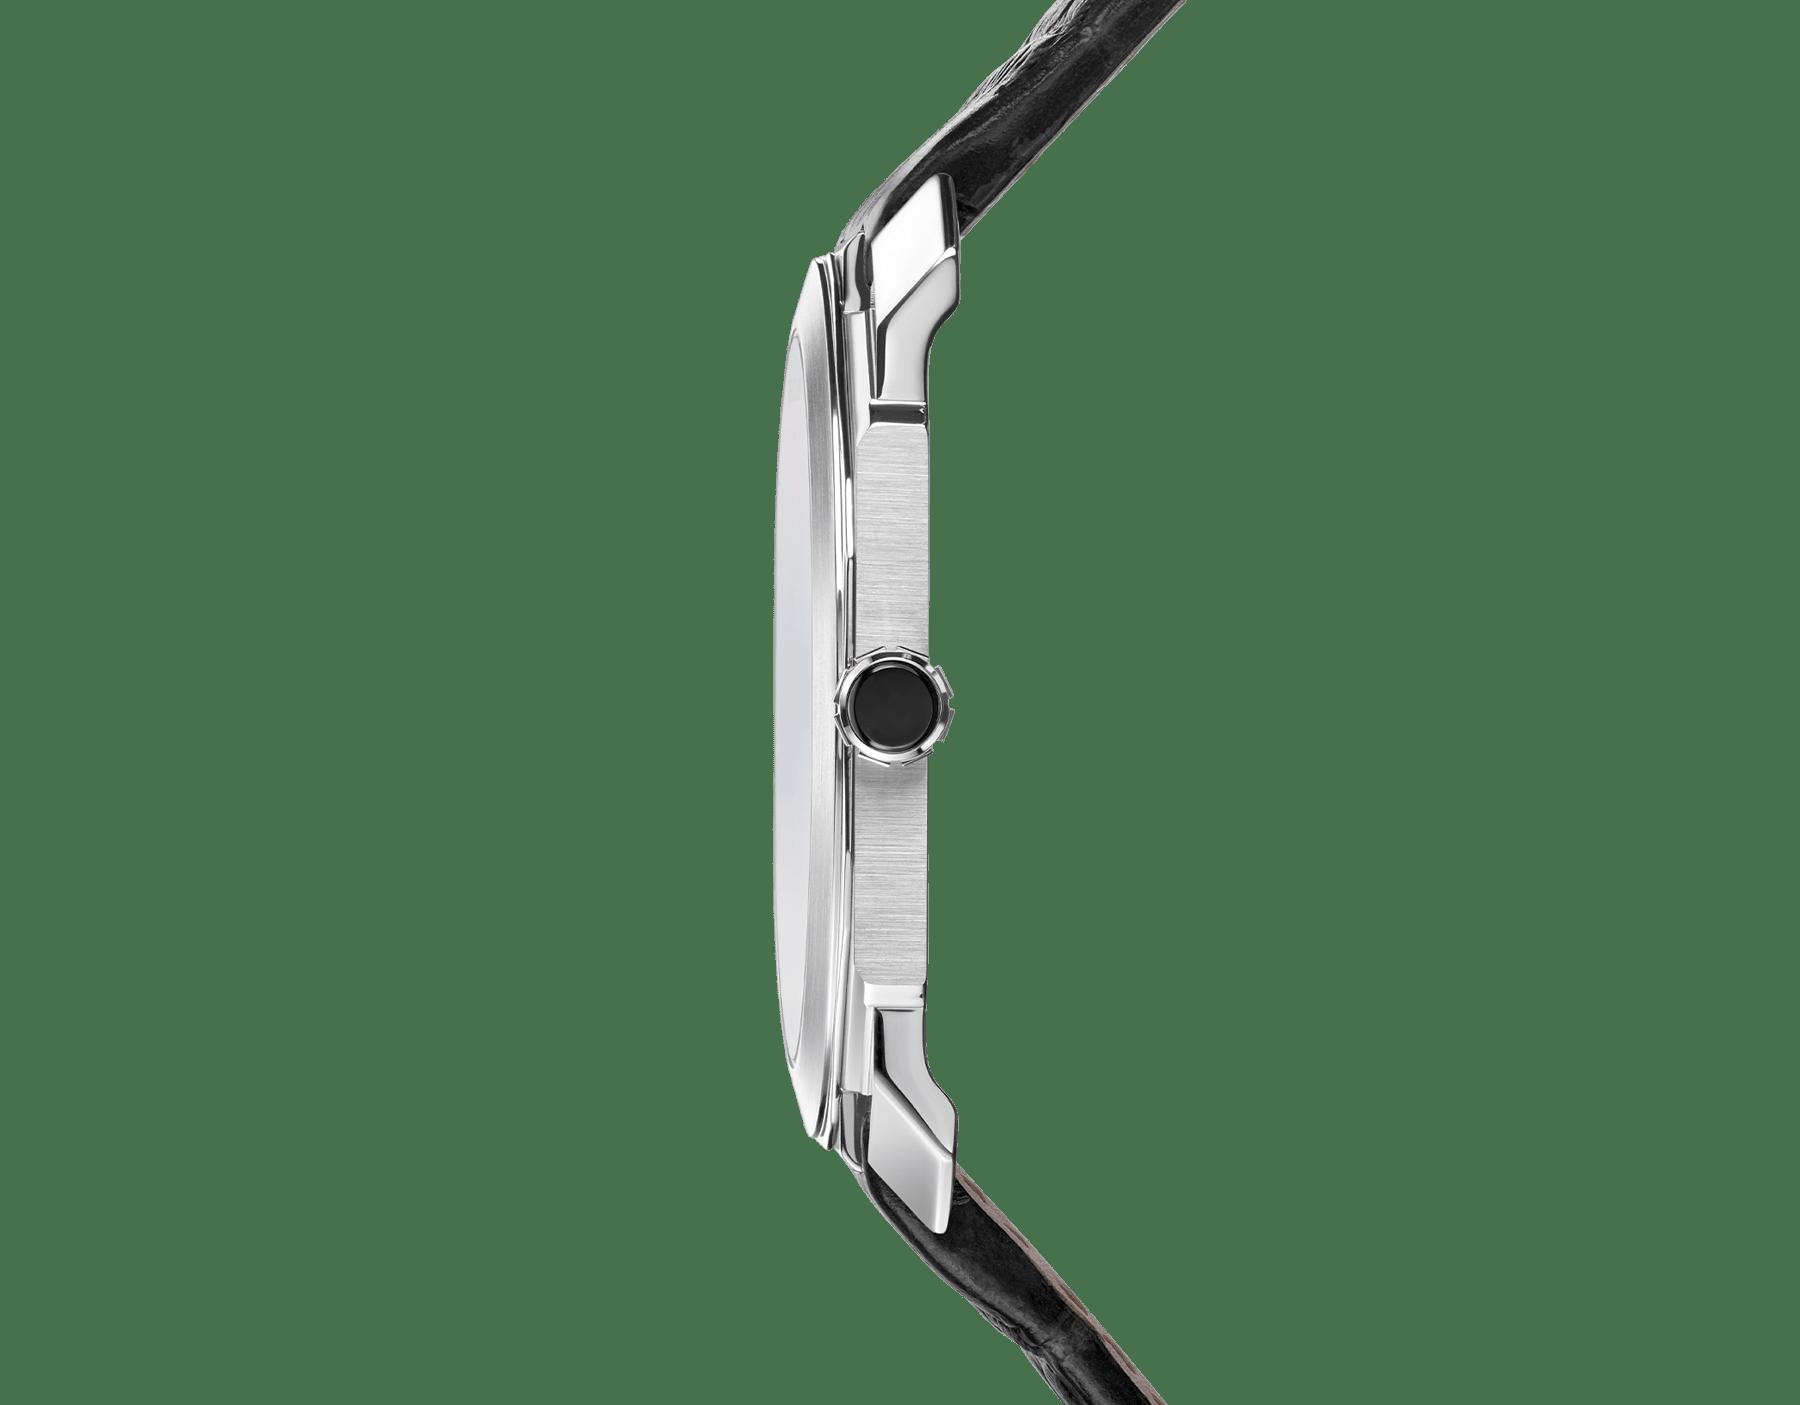 Orologio Octo Finissimo Tourbillon con movimento meccanico di manifattura ultrapiatto a carica manuale, cassa in platino, quadrante laccato nero e cinturino in alligatore nero. 102138 image 3